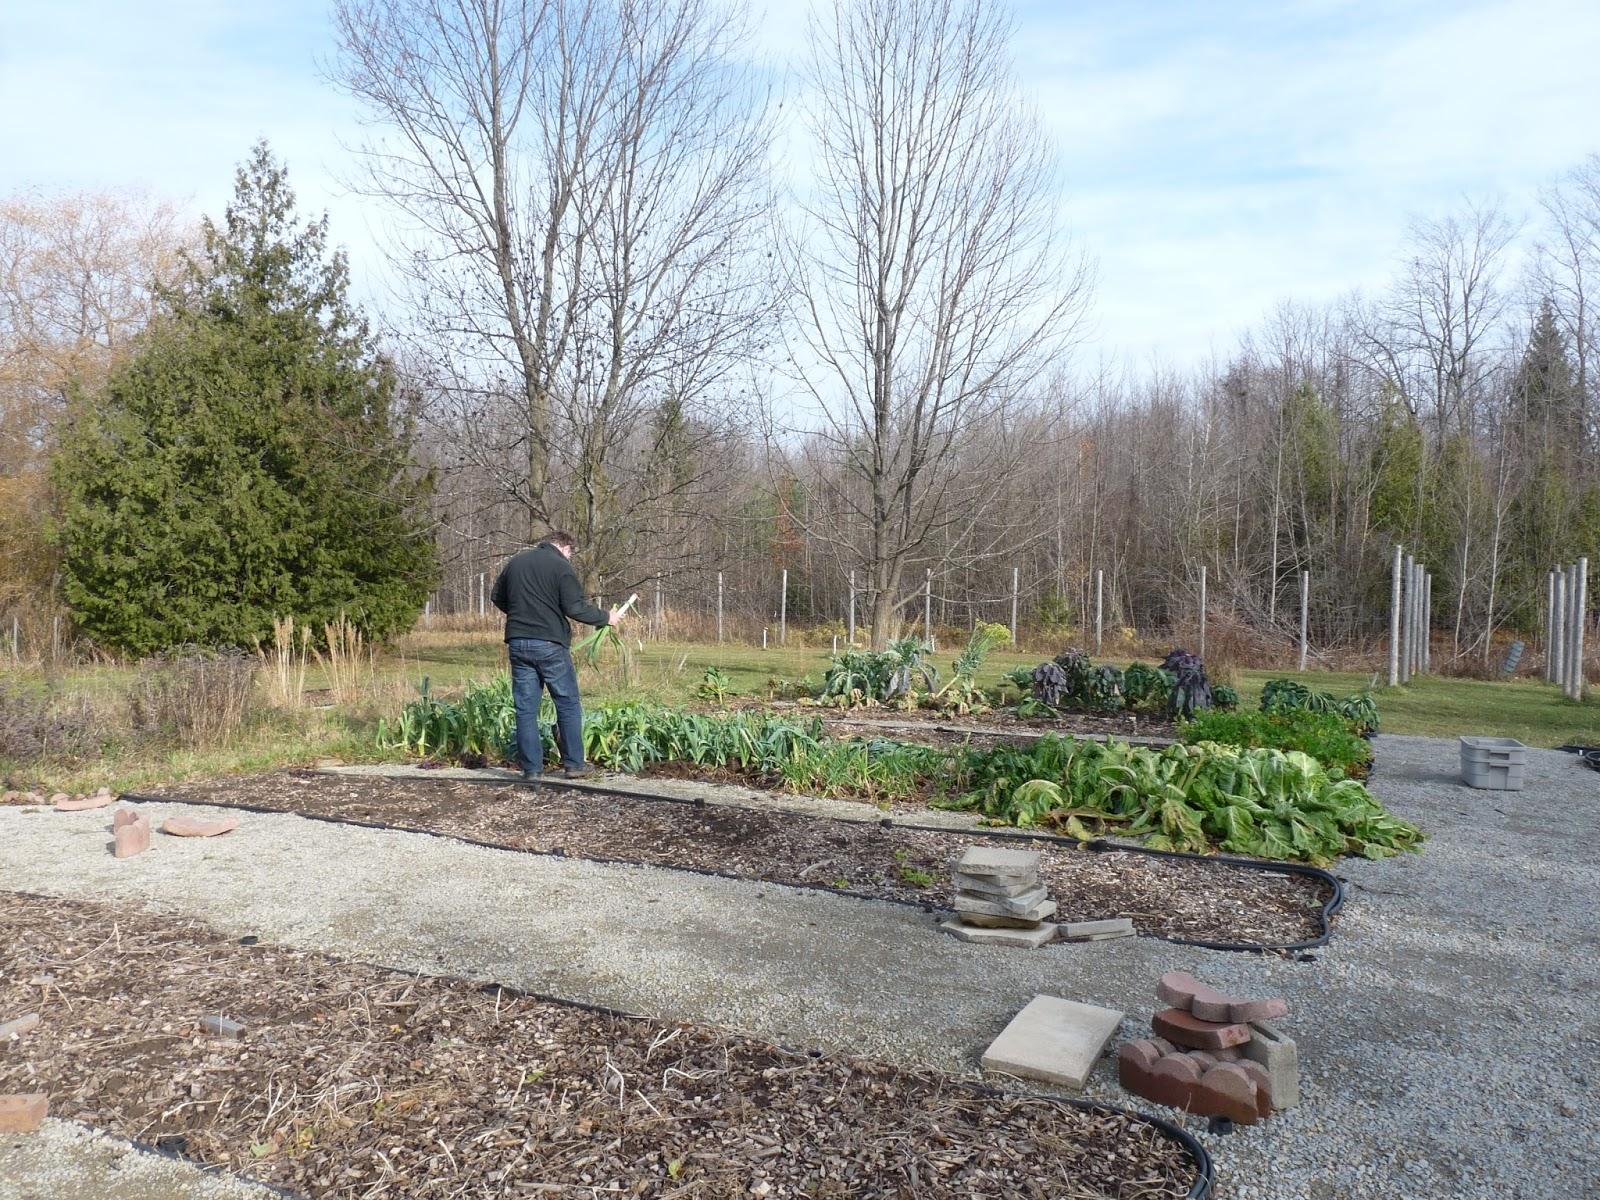 garden report Garden trend report and custom garden market research on gardening, flowers, patio furniture, plants, landscaping and garden trends.